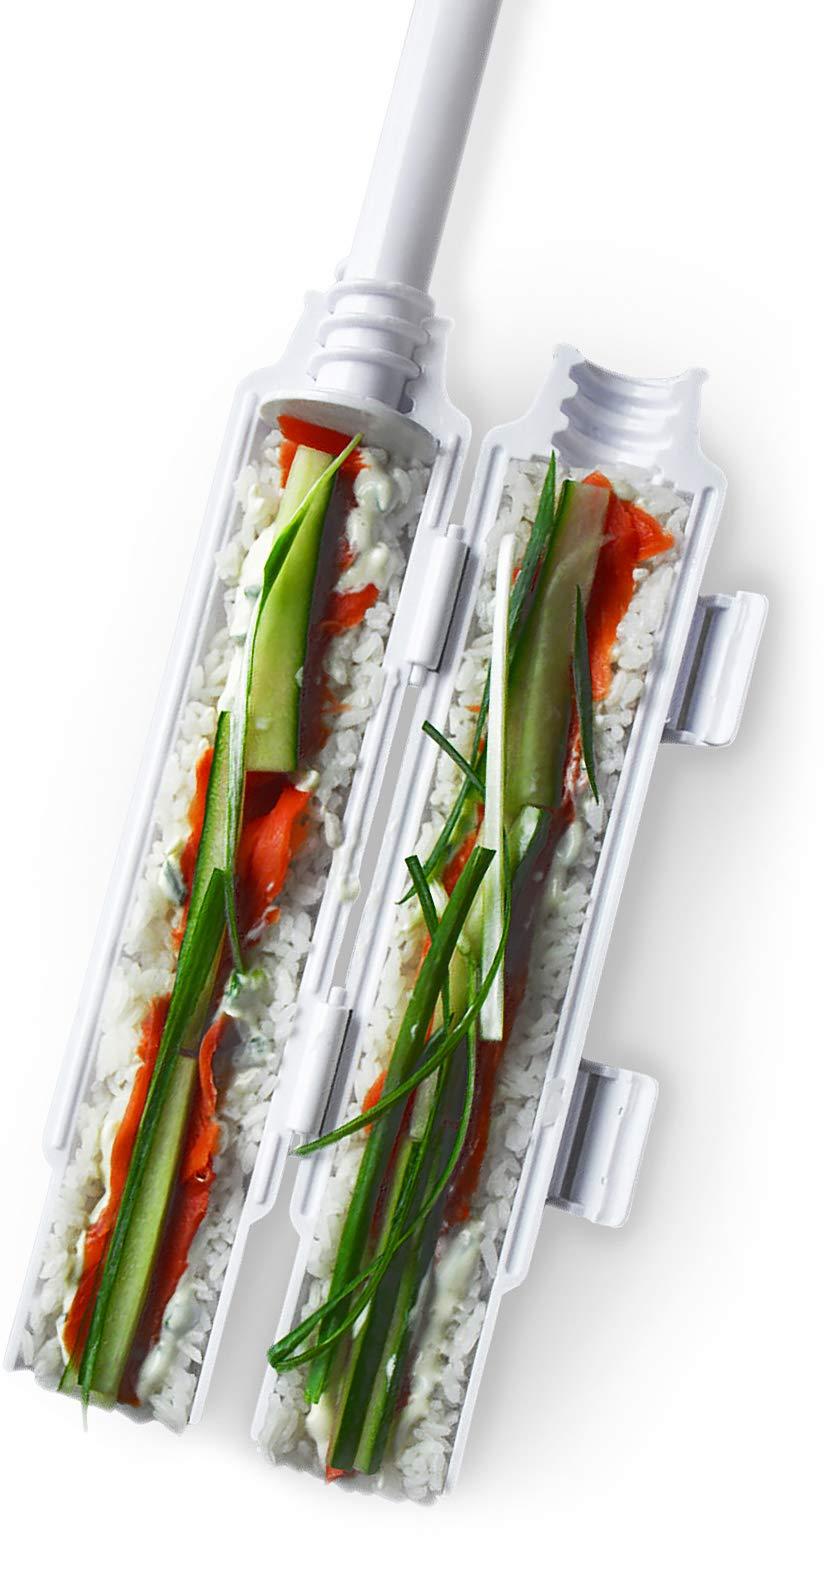 Sushedo Sushi Bazooka, Sushi Making Kit, Sushi Roller Maker, Sushi Tube Machine